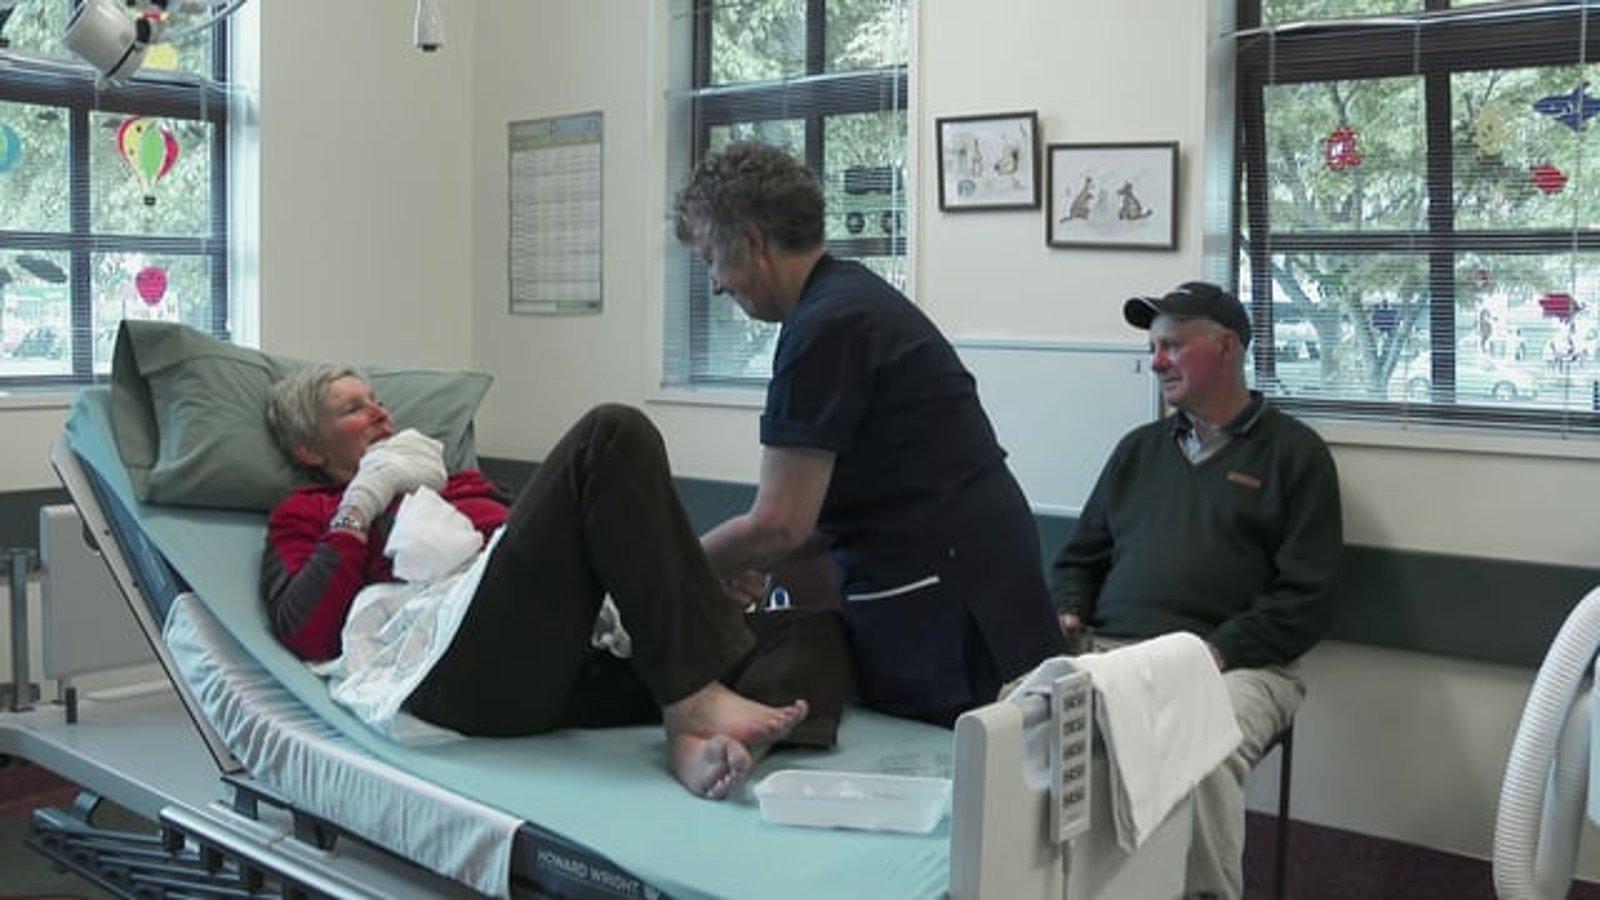 Emergency Medicine: A Year at Oamaru Hospital